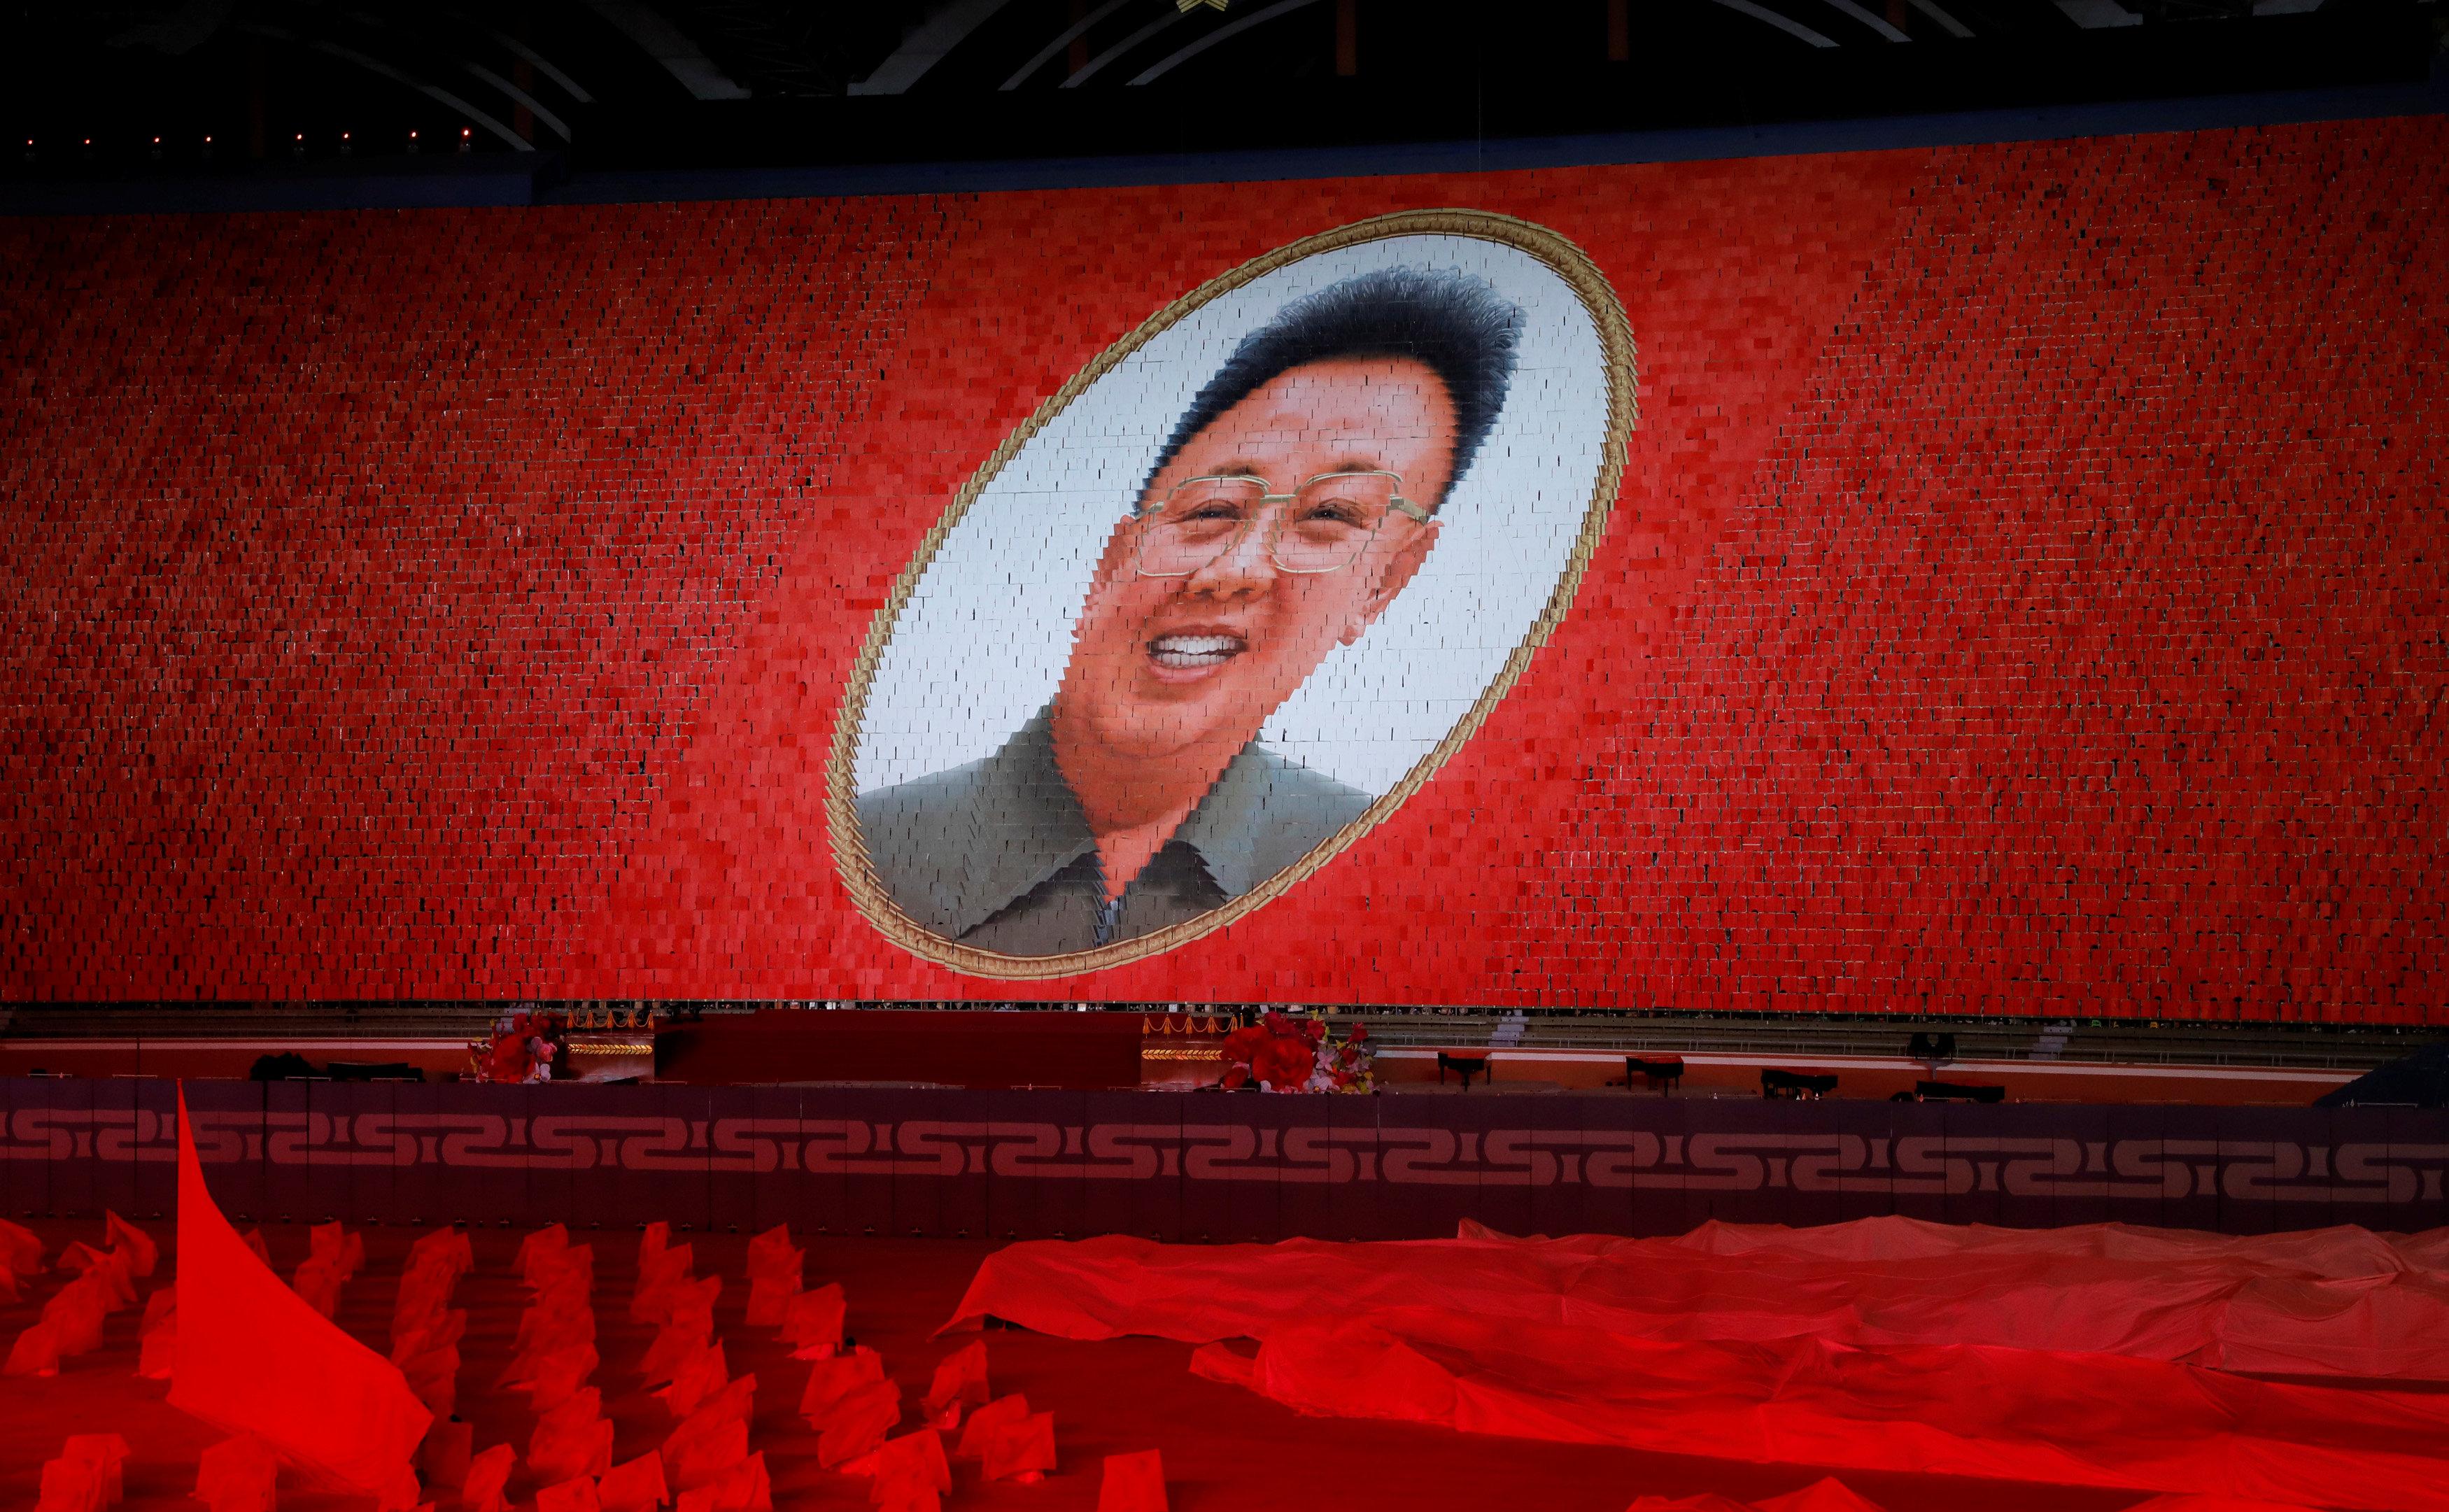 صورة زعيم كوريا الشمالية تتوسط أحد الاحتفالات